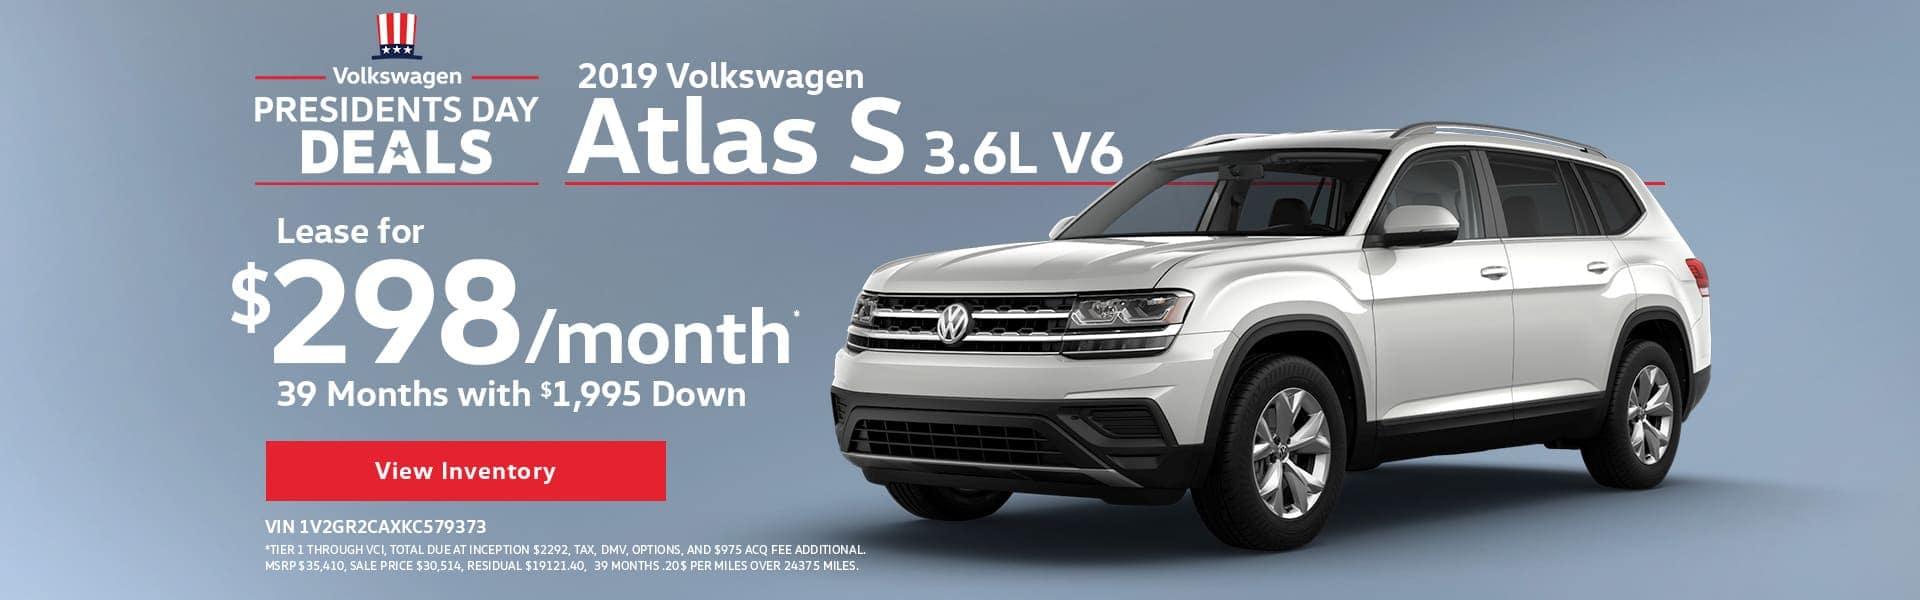 Presidents Day Deals - 2019 Volkswagen Atlas S